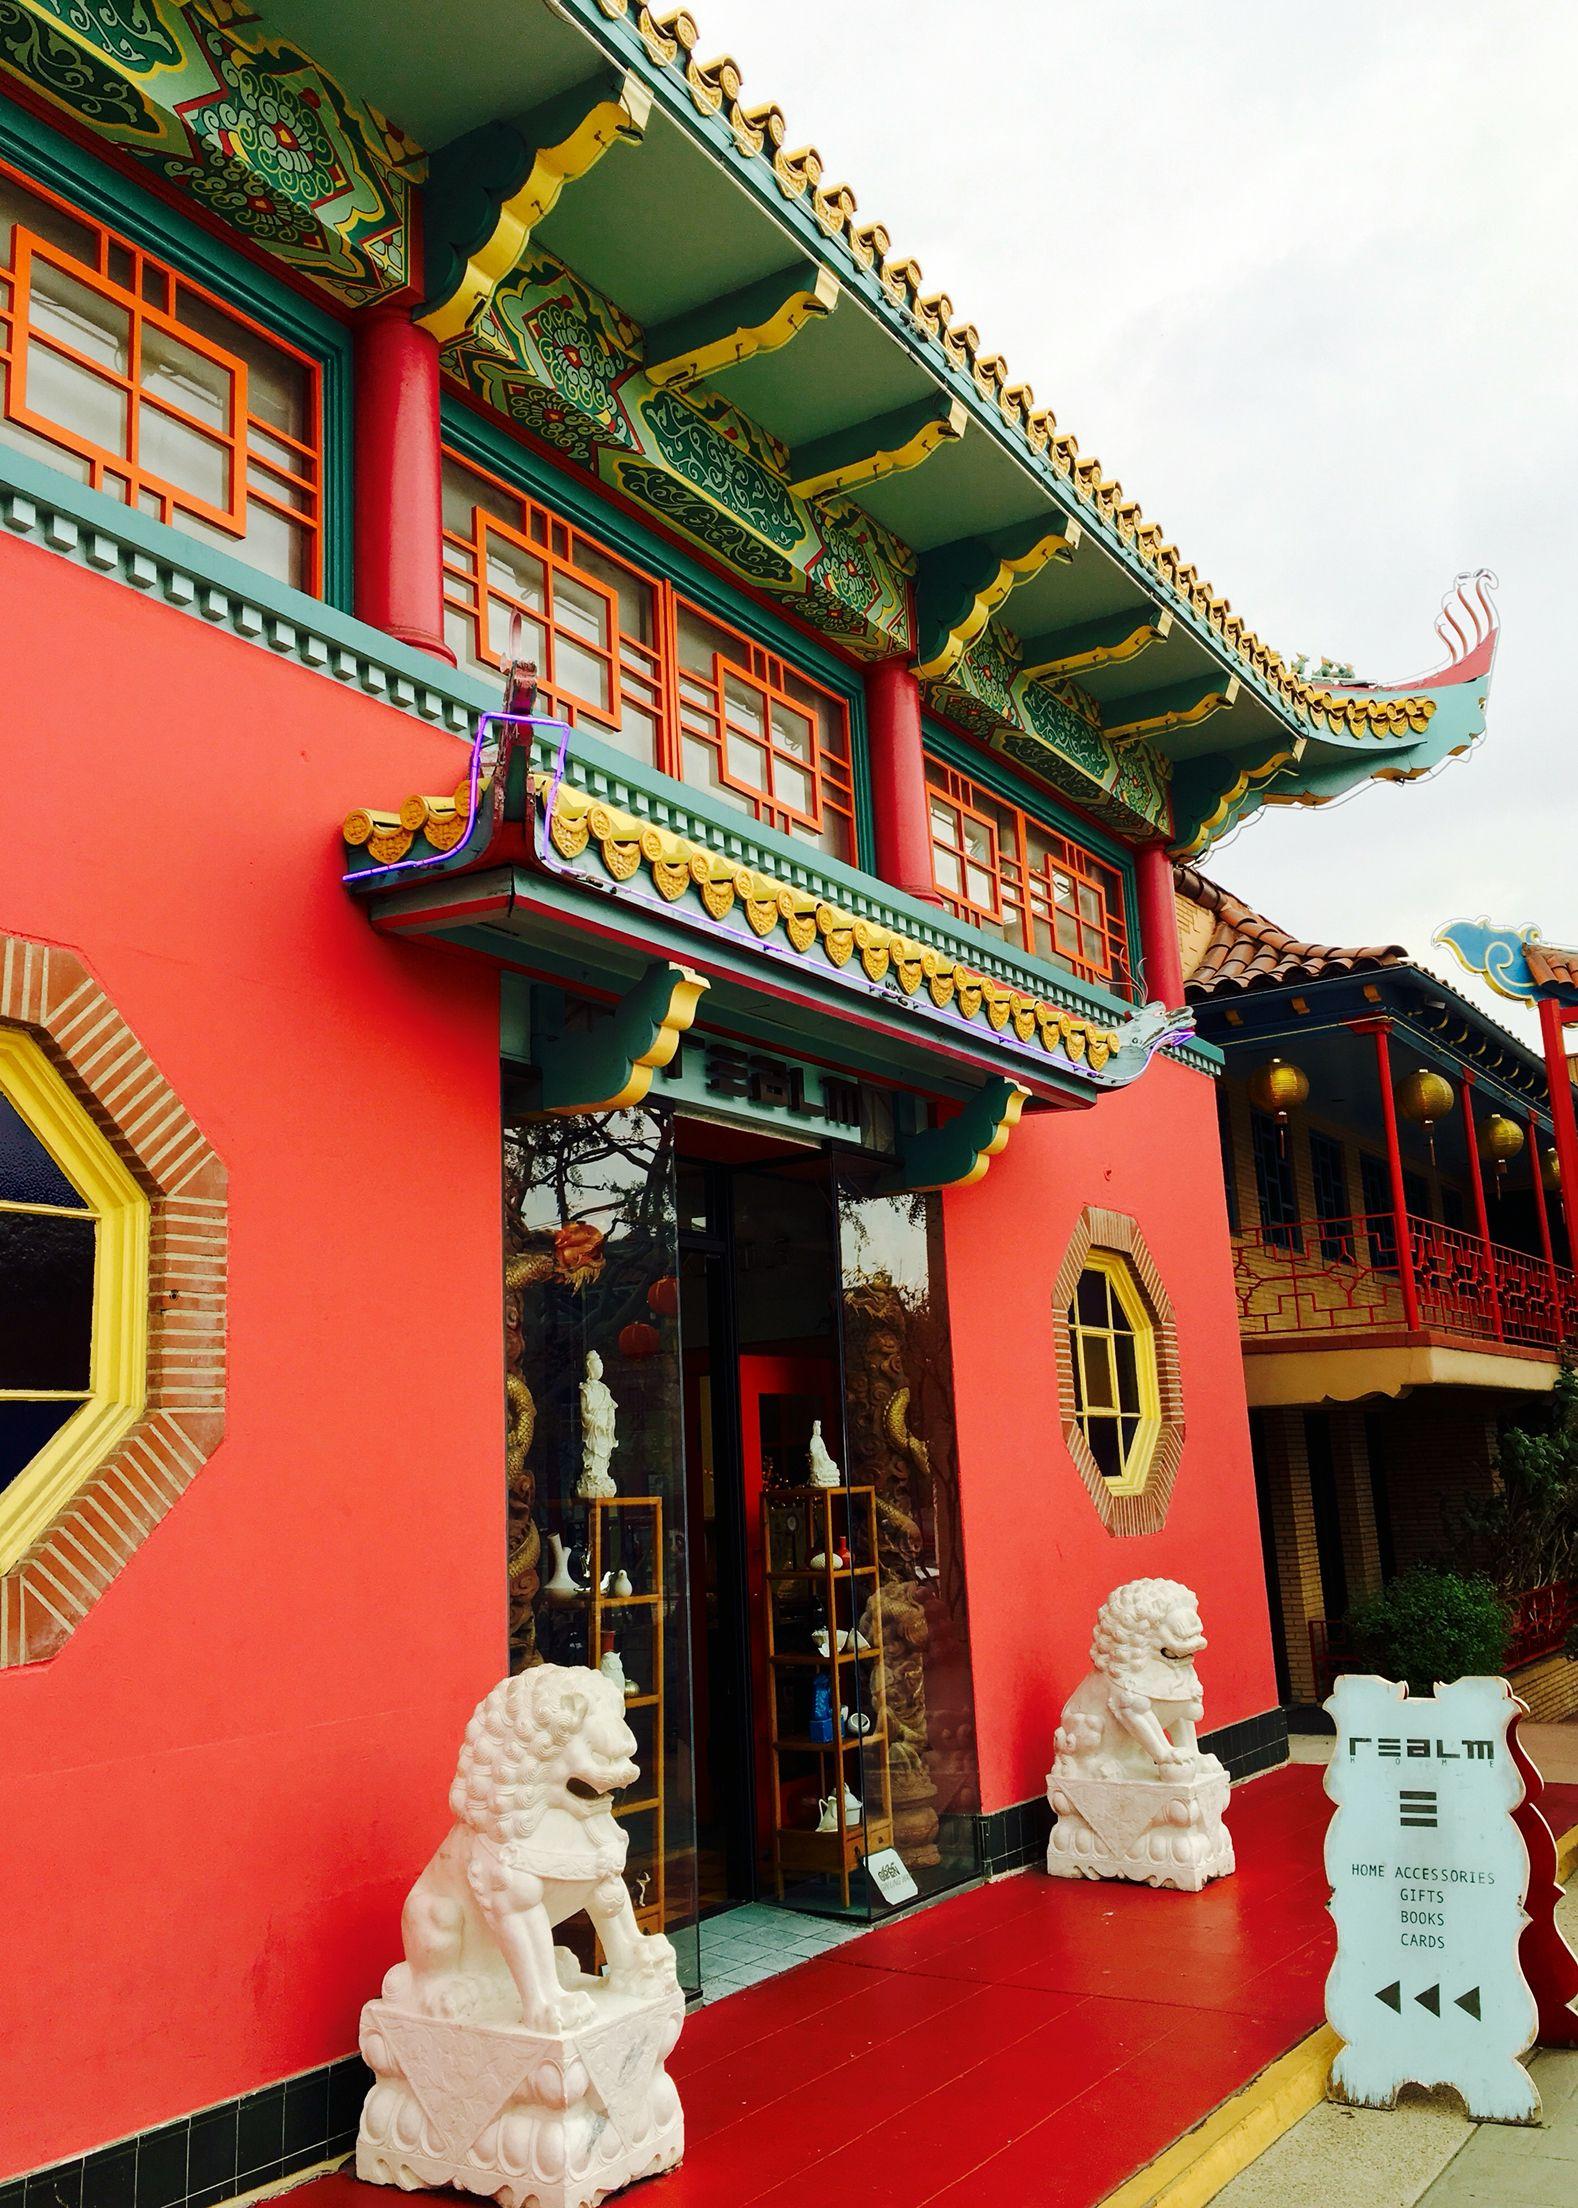 China town los angeles hong kong cafe amazing